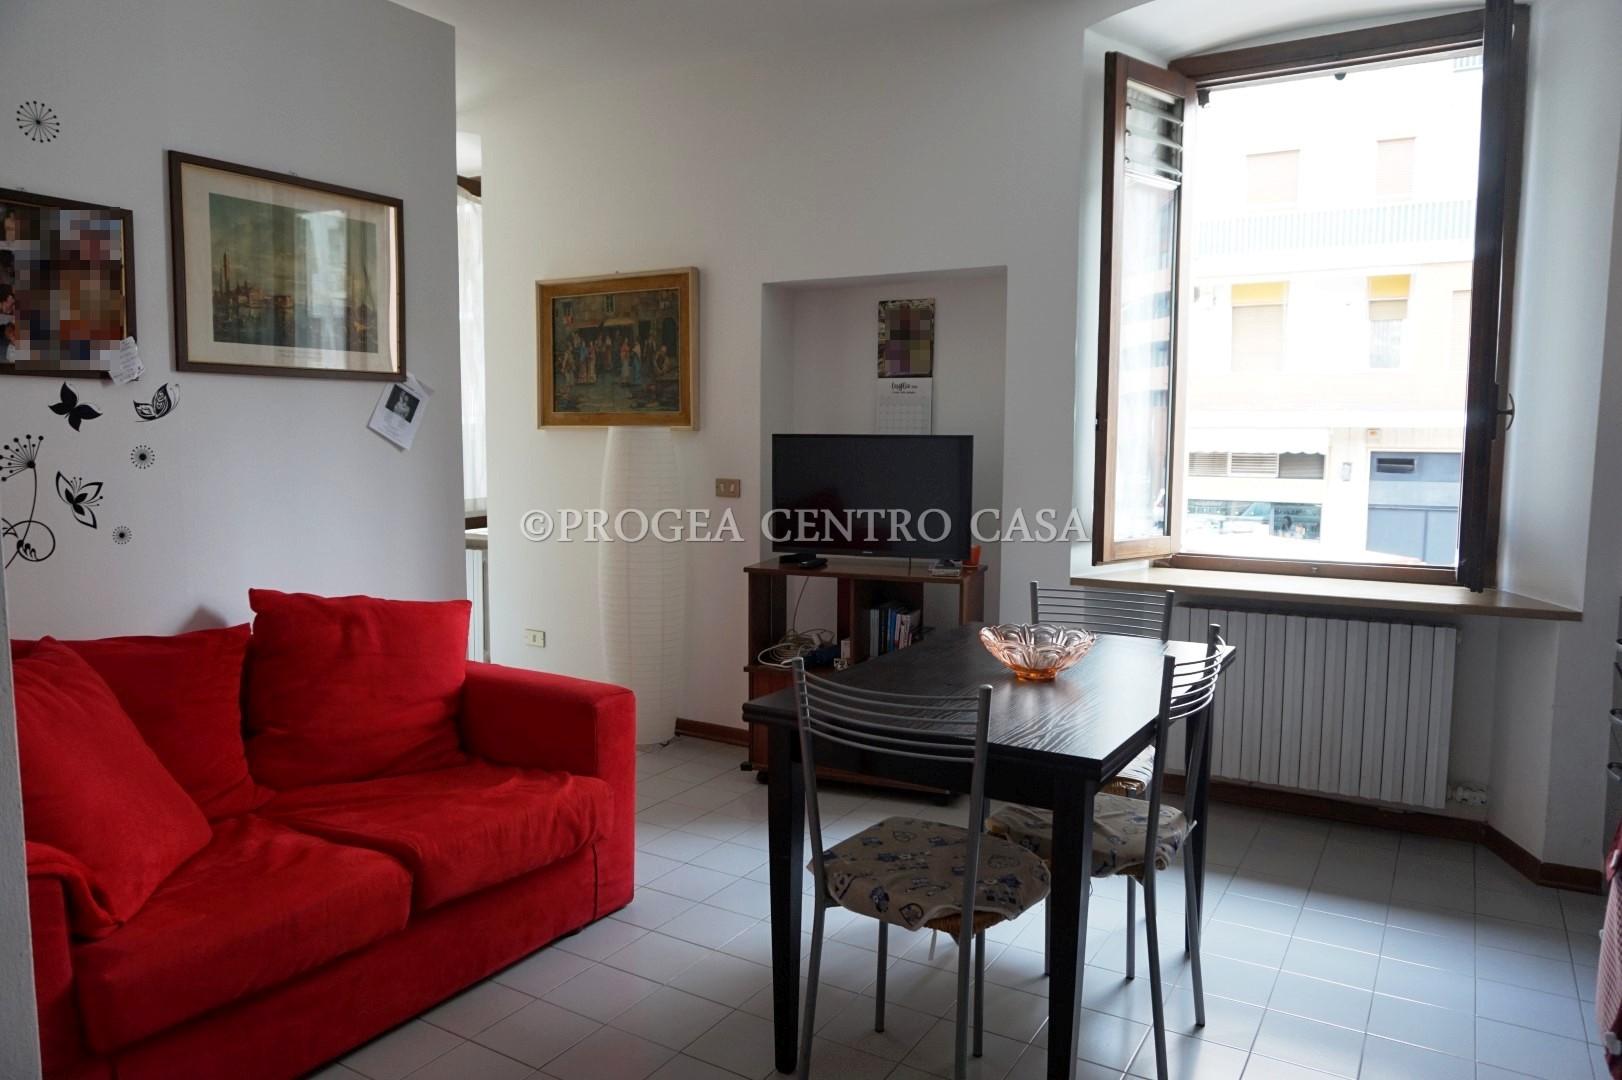 Appartamento bilocale in affitto a Bergamo